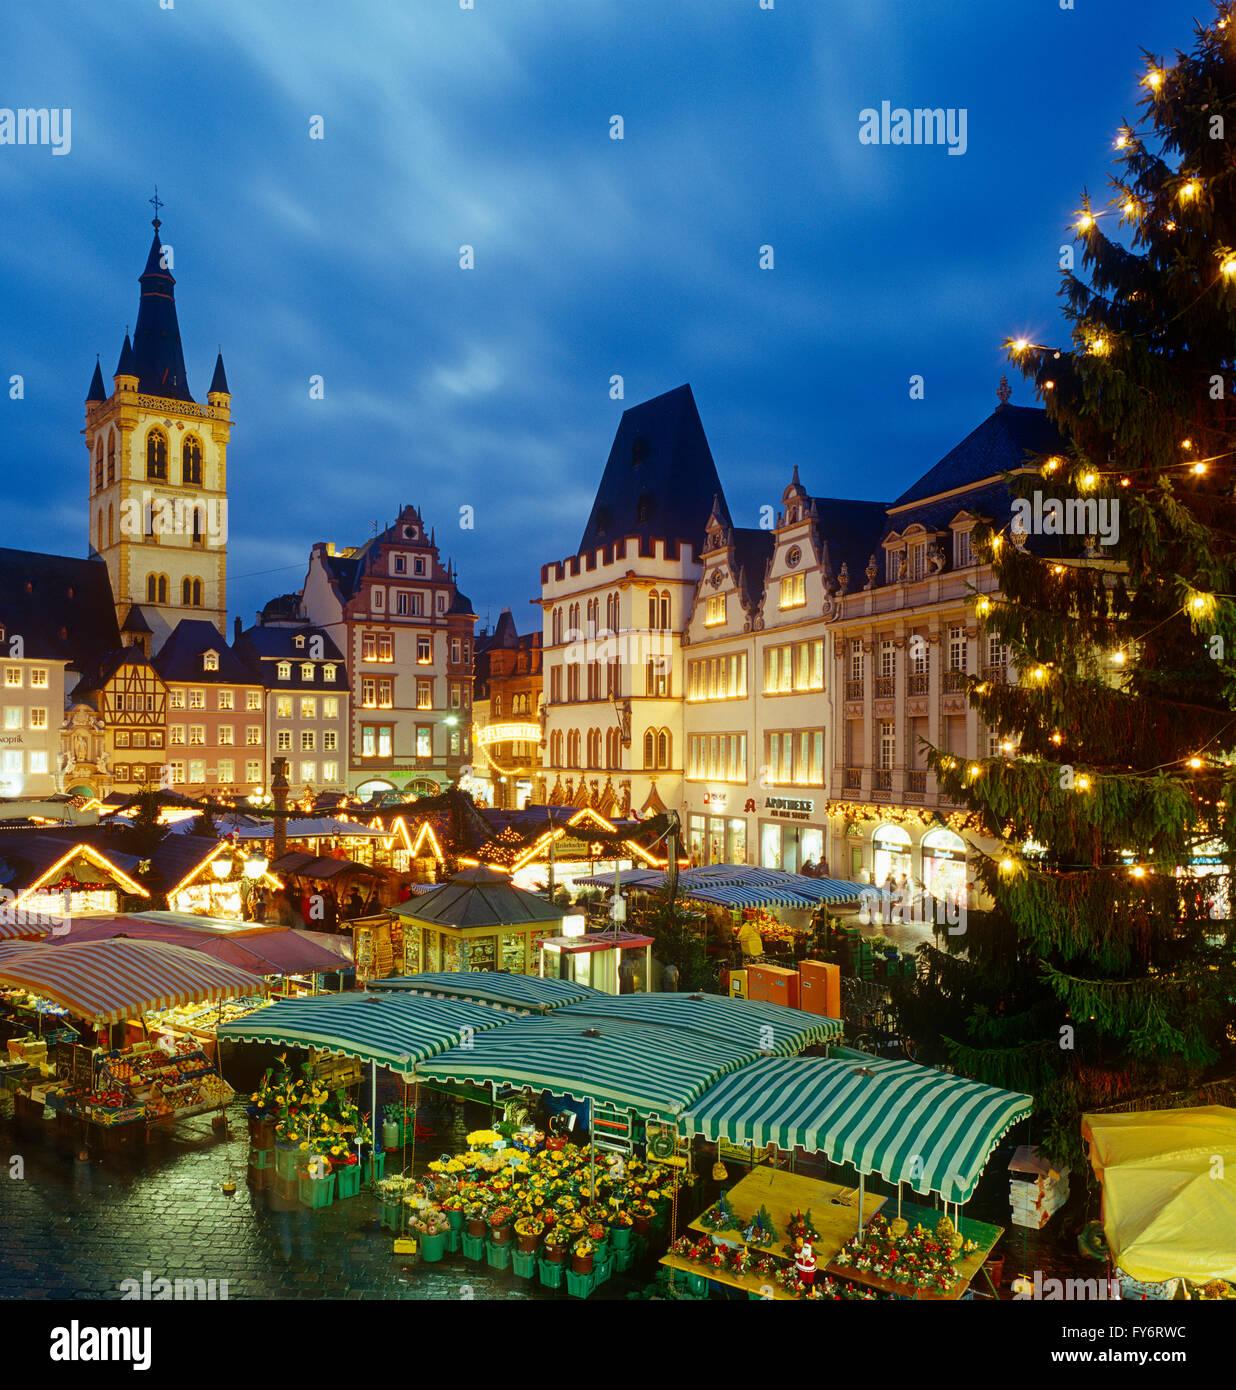 Weihnachtsmarkt in Tier, Marktplatz, Rheinland-Pfalz, Deutschland Stockbild